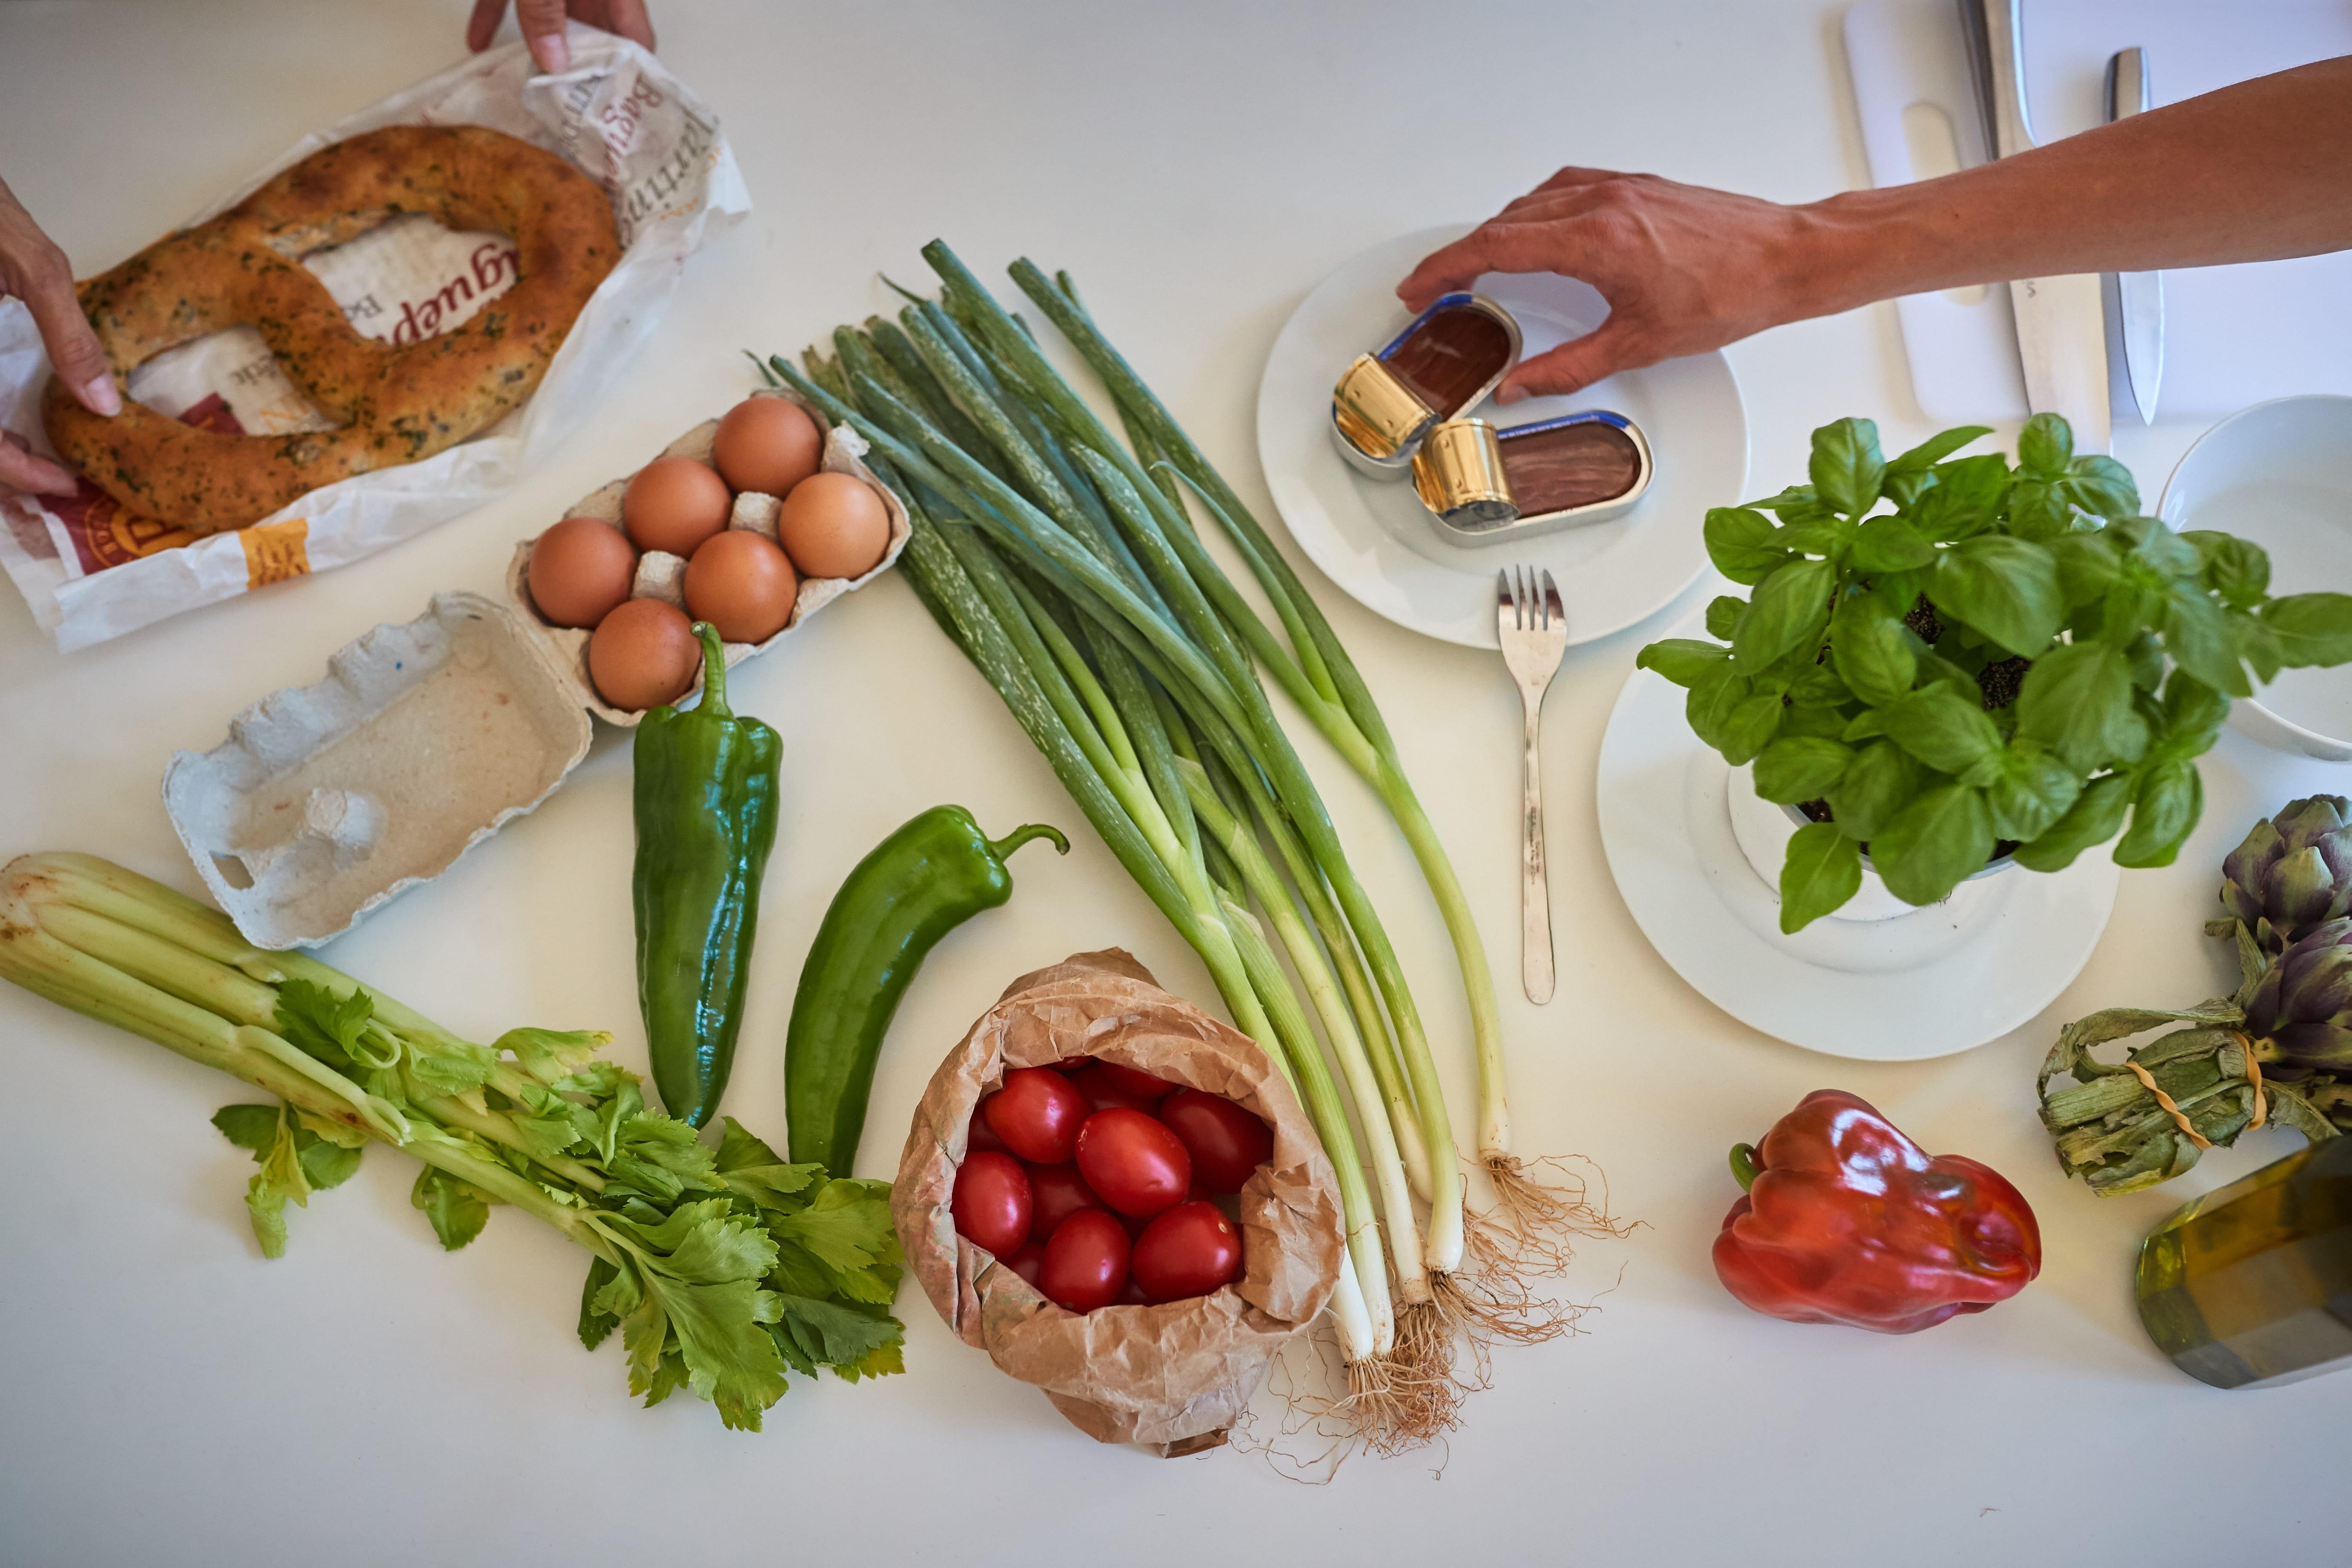 Apprendre à cuisiner la salade niçoise avec des produits frais